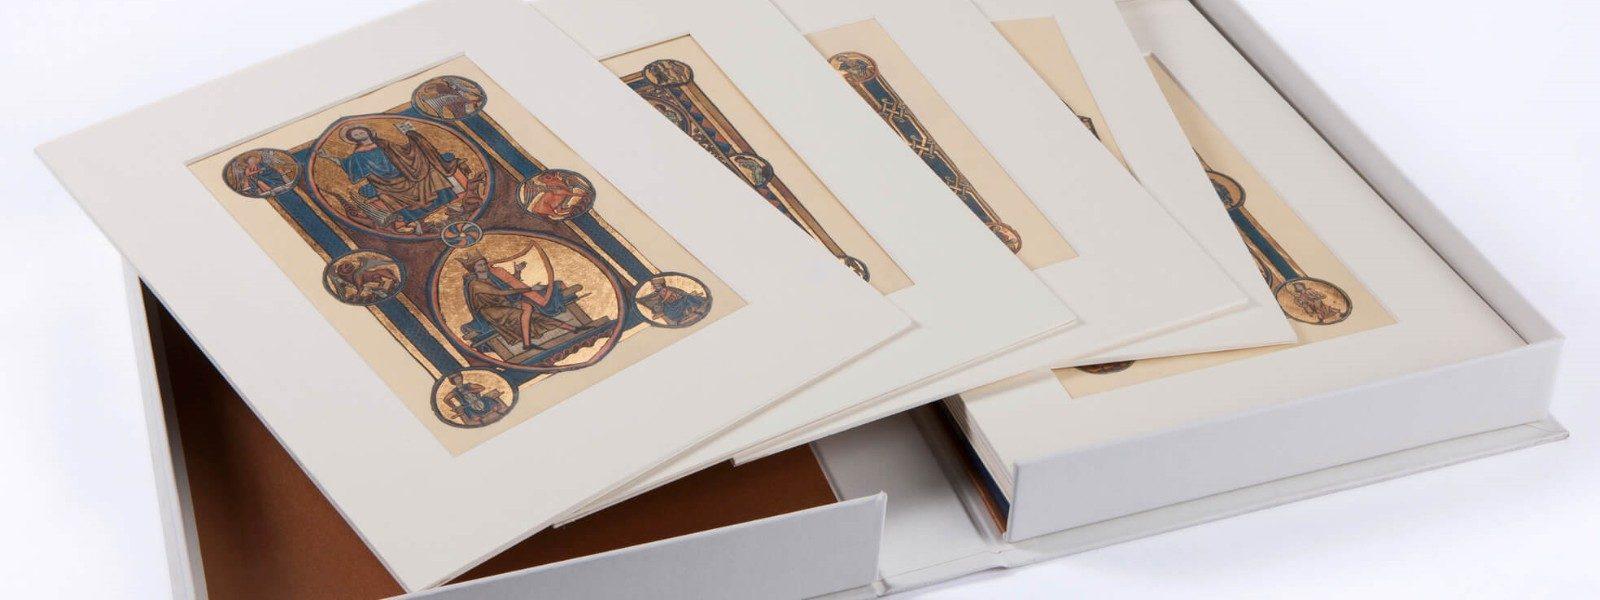 Manoscritti in fac simile per la celebrazione di opere antiche